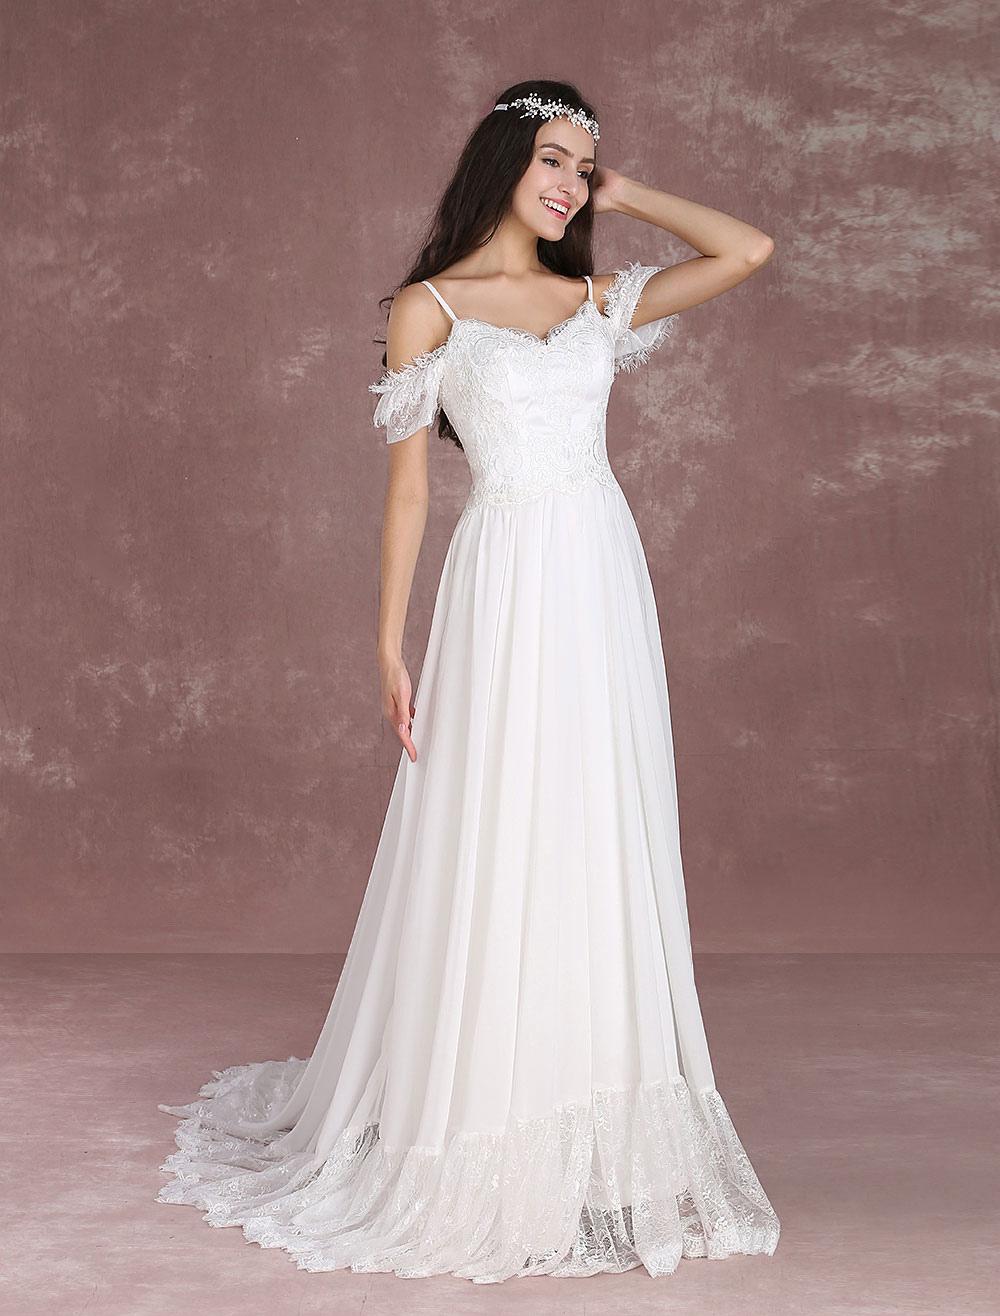 a36c482d01 ... Robe mariée bohème 2019 Robes de mariée d'été en mousseline de soie de  l ...